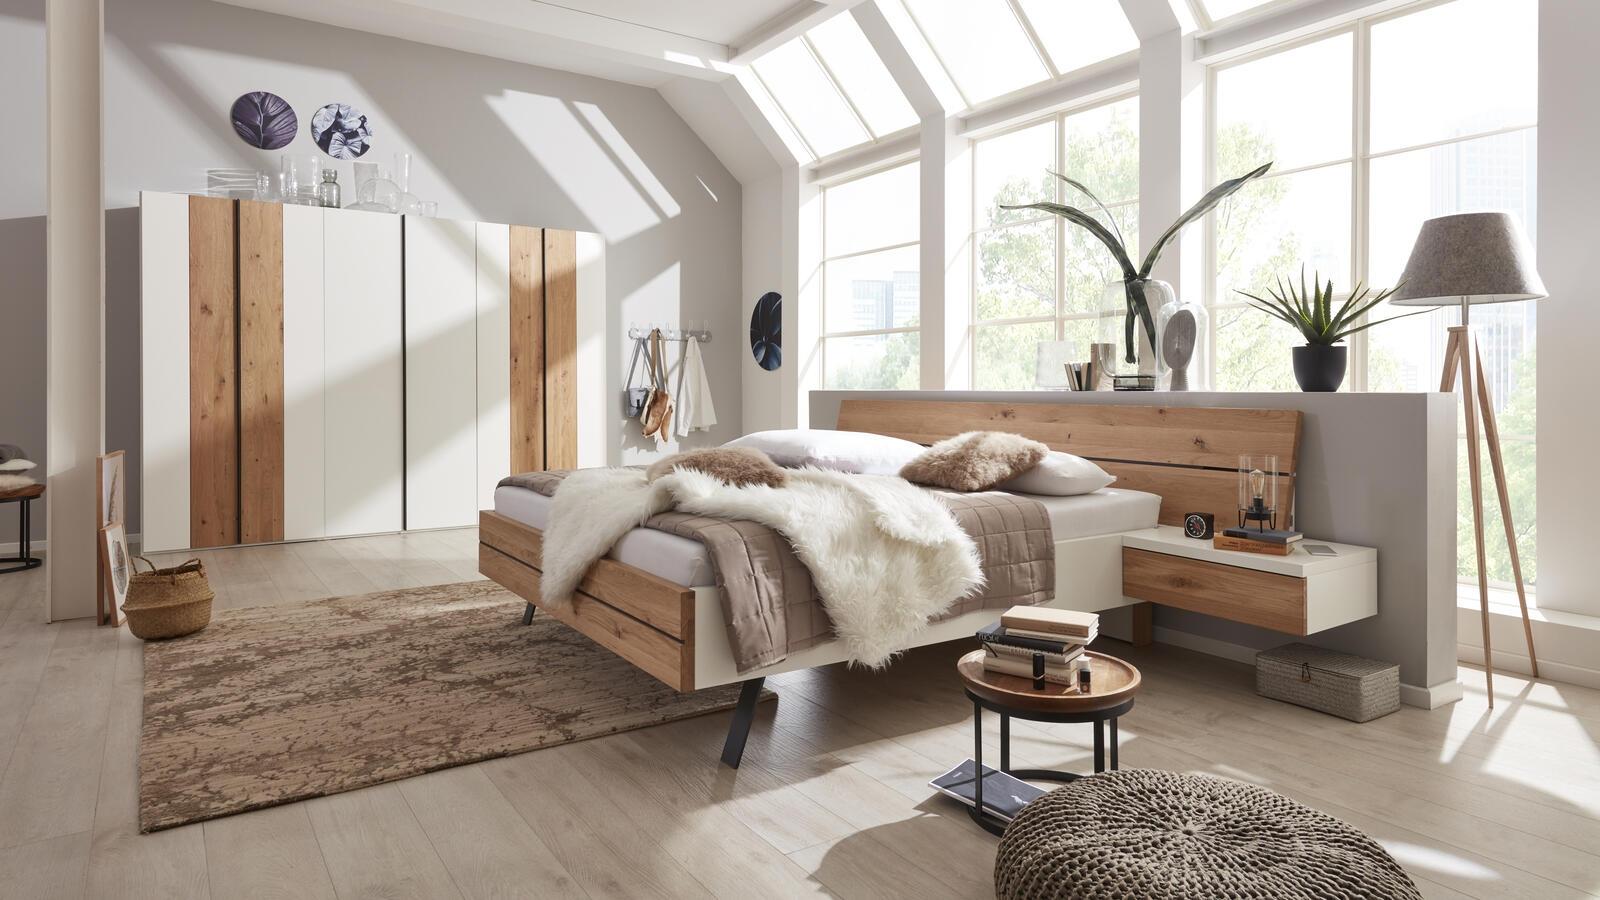 1019 Schlafzimmer 523002VZ 2